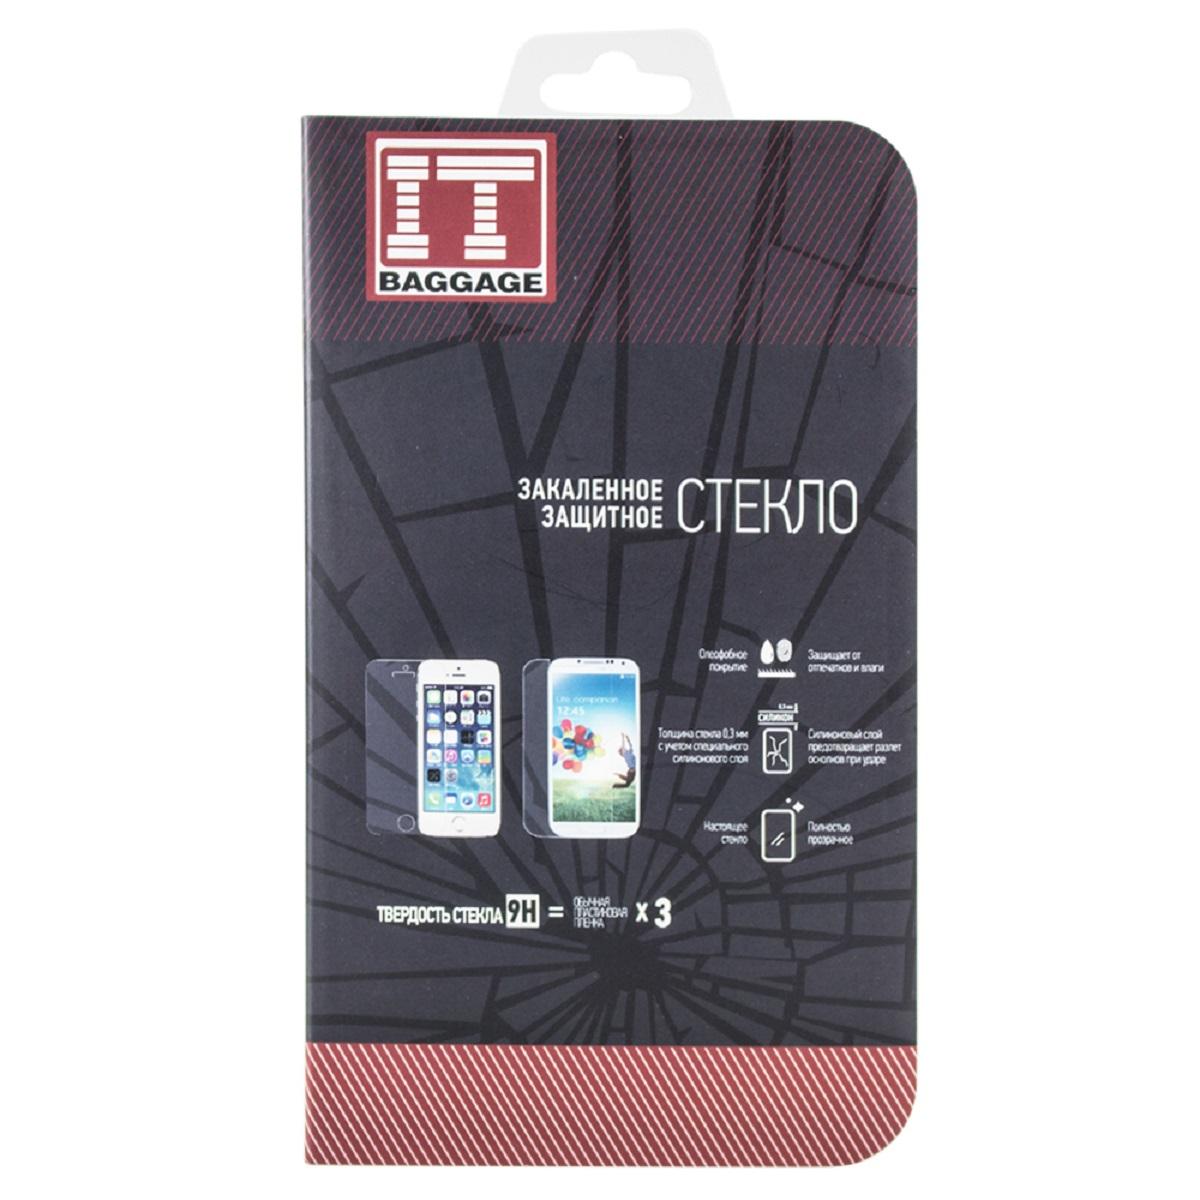 IT Baggage защитное стекло для Xiaomi Mi4ITXMMI4GЗакаленное стекло IT Baggage для Xiaomi Mi4 - это самый верный способ защитить экран от повреждений и загрязнений. Обладает высочайшим уровнем прозрачности и совершенно не влияет на отклик экранного сенсора и качество изображения. Препятствует появлению отпечатков и пятен. Удалить следы жира и косметики с поверхности аксессуара не составить ни какого труда.Характеристики защитного стекла делают его износостойким к таким механическим повреждениям, как царапины, сколы, потертости. При сильном ударе разбившееся стекло не разлетается на осколки, предохраняя вас от порезов, а экран устройства от повреждений.После снятия защитного стекла с поверхности дисплея, на нем не остаются повреждения, такие как потертости и царапины.